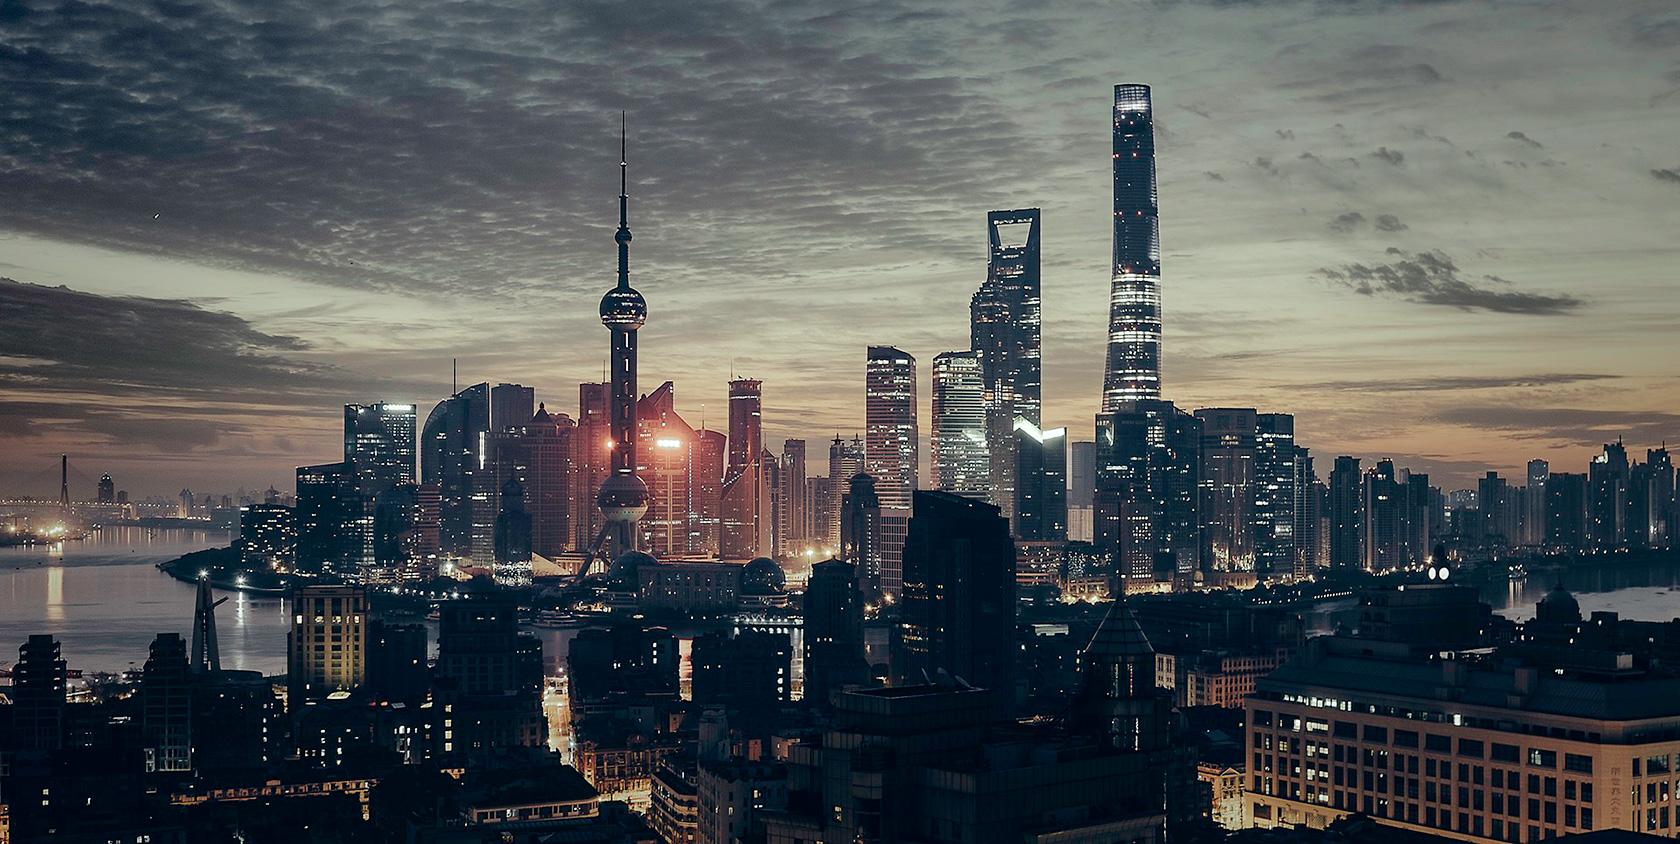 Una ciudad también puede ser vista desde una perspectia UX